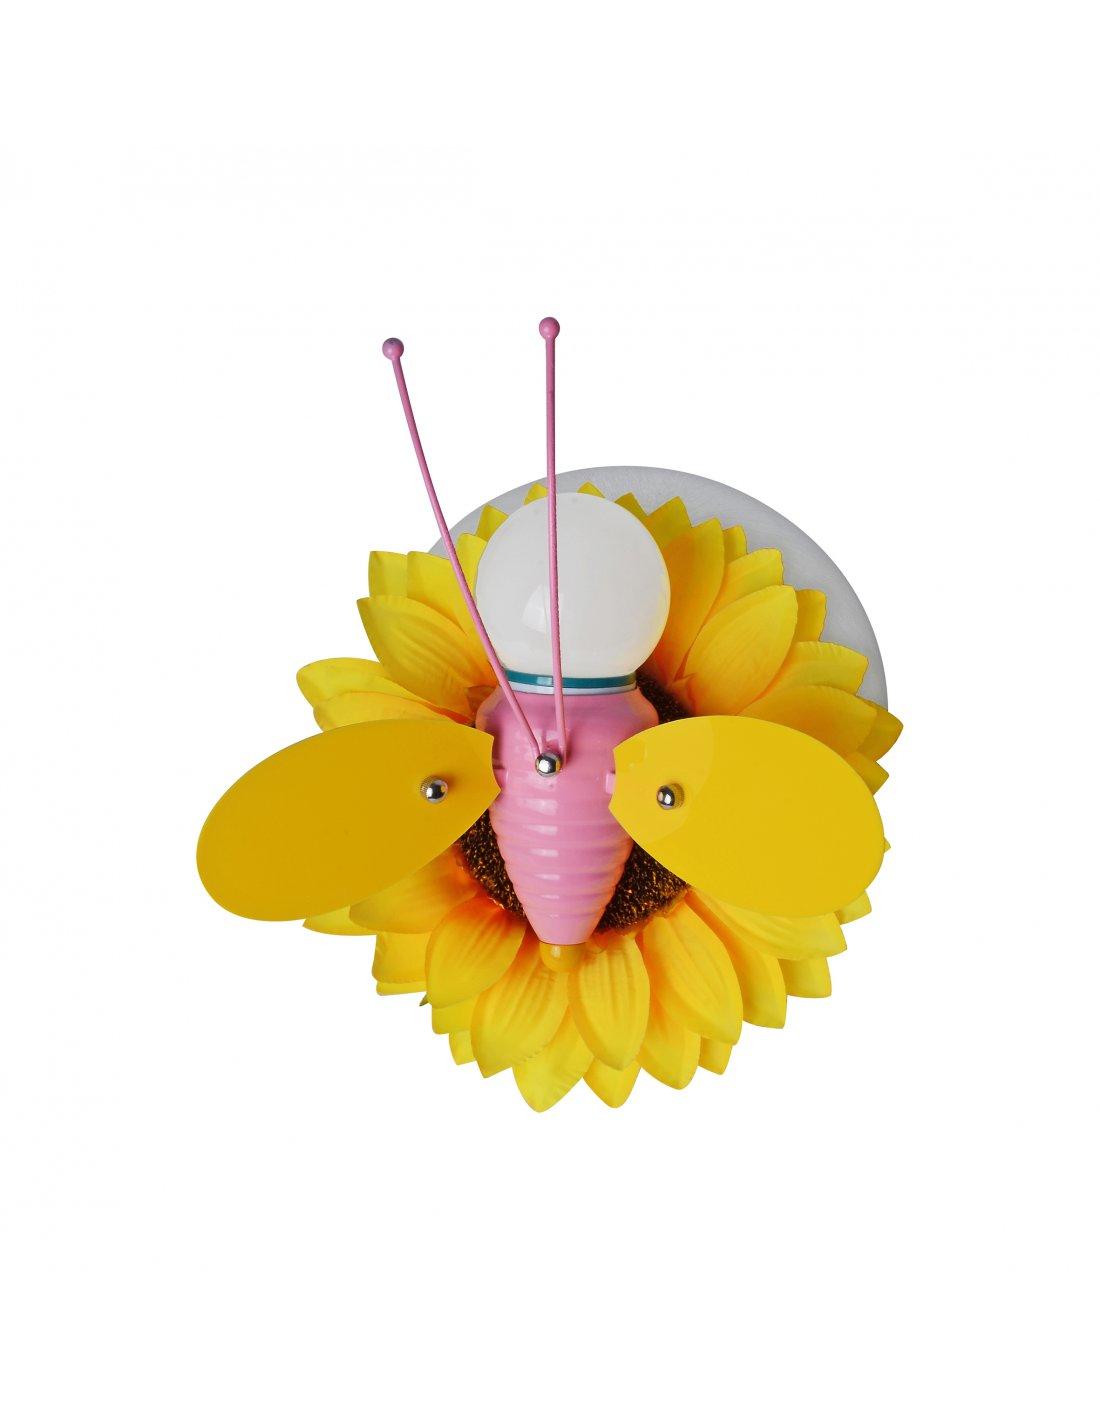 applique enfant en forme d'abeille - lonlibee y + pk - jaune et rose